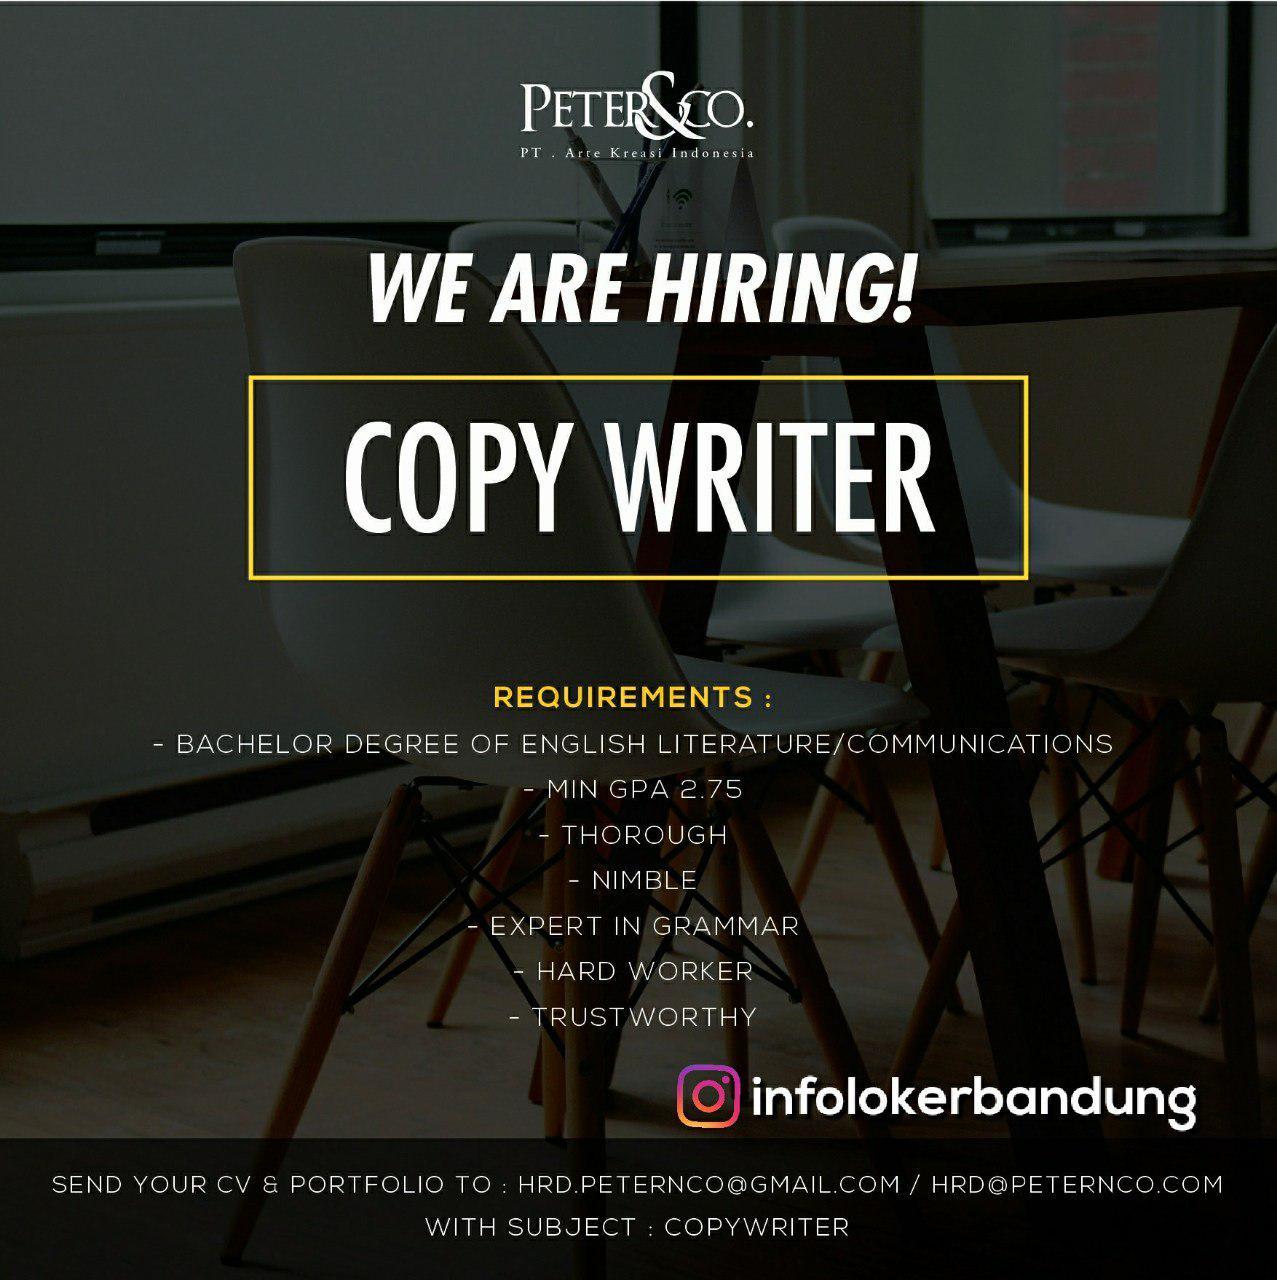 Lowongan Kerja PT. Arte Kreasi Indonesia ( Peter&Co) Bandung Oktober 2018